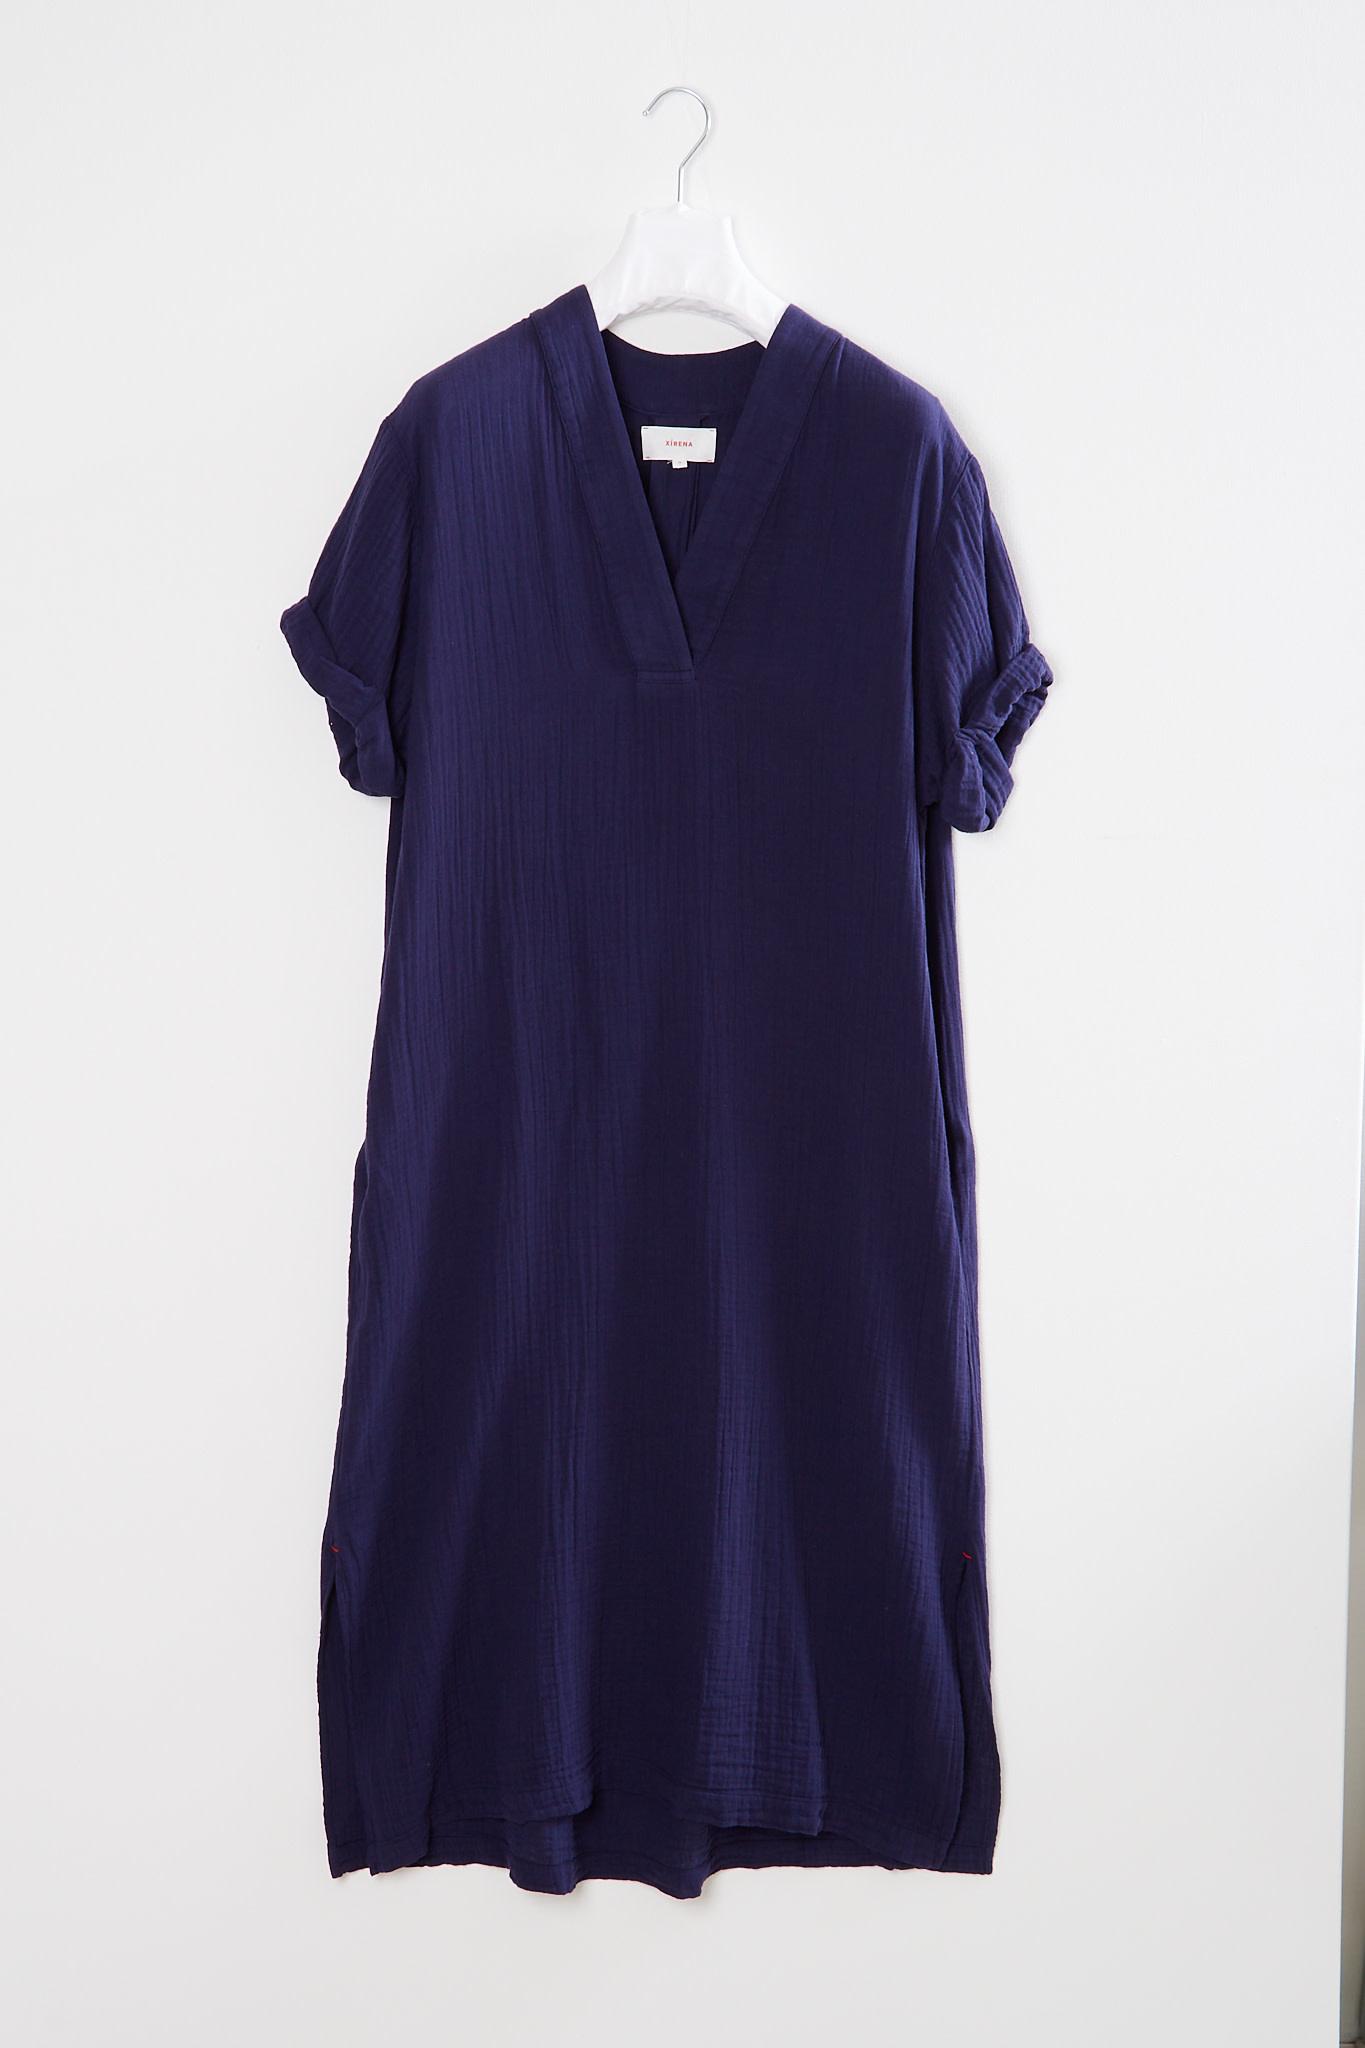 Xirena - Avril dress